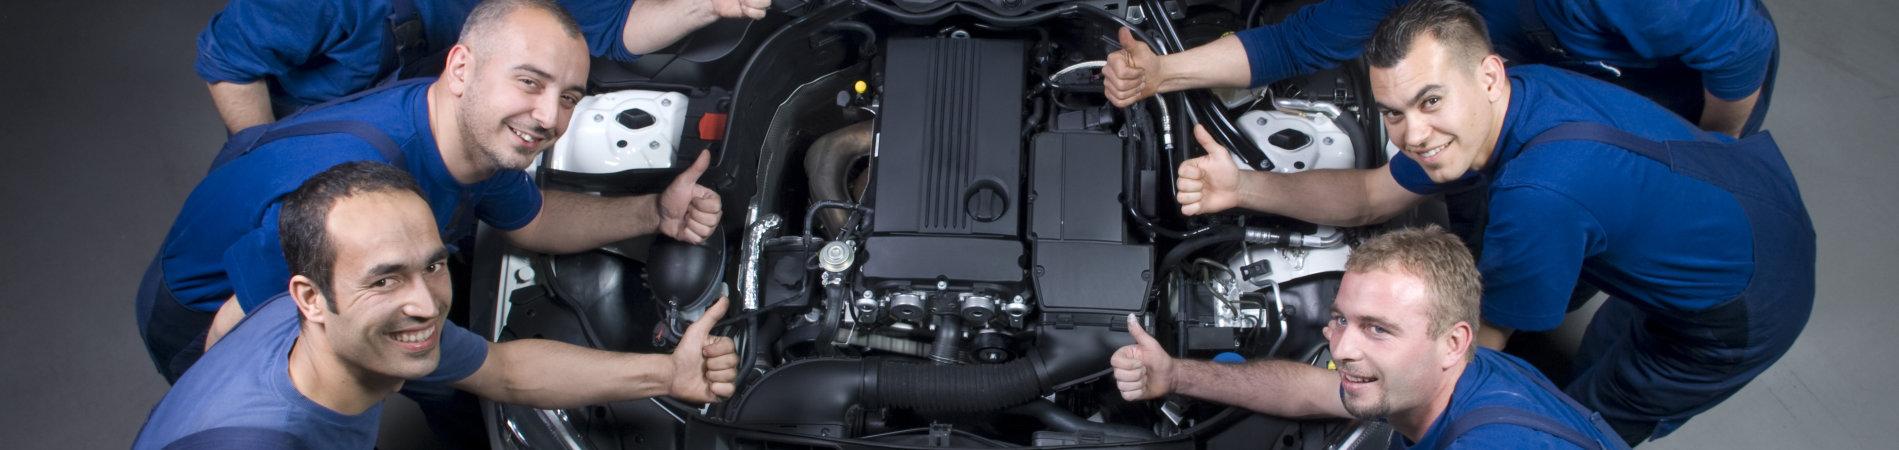 Reifen-Richter Autoservice